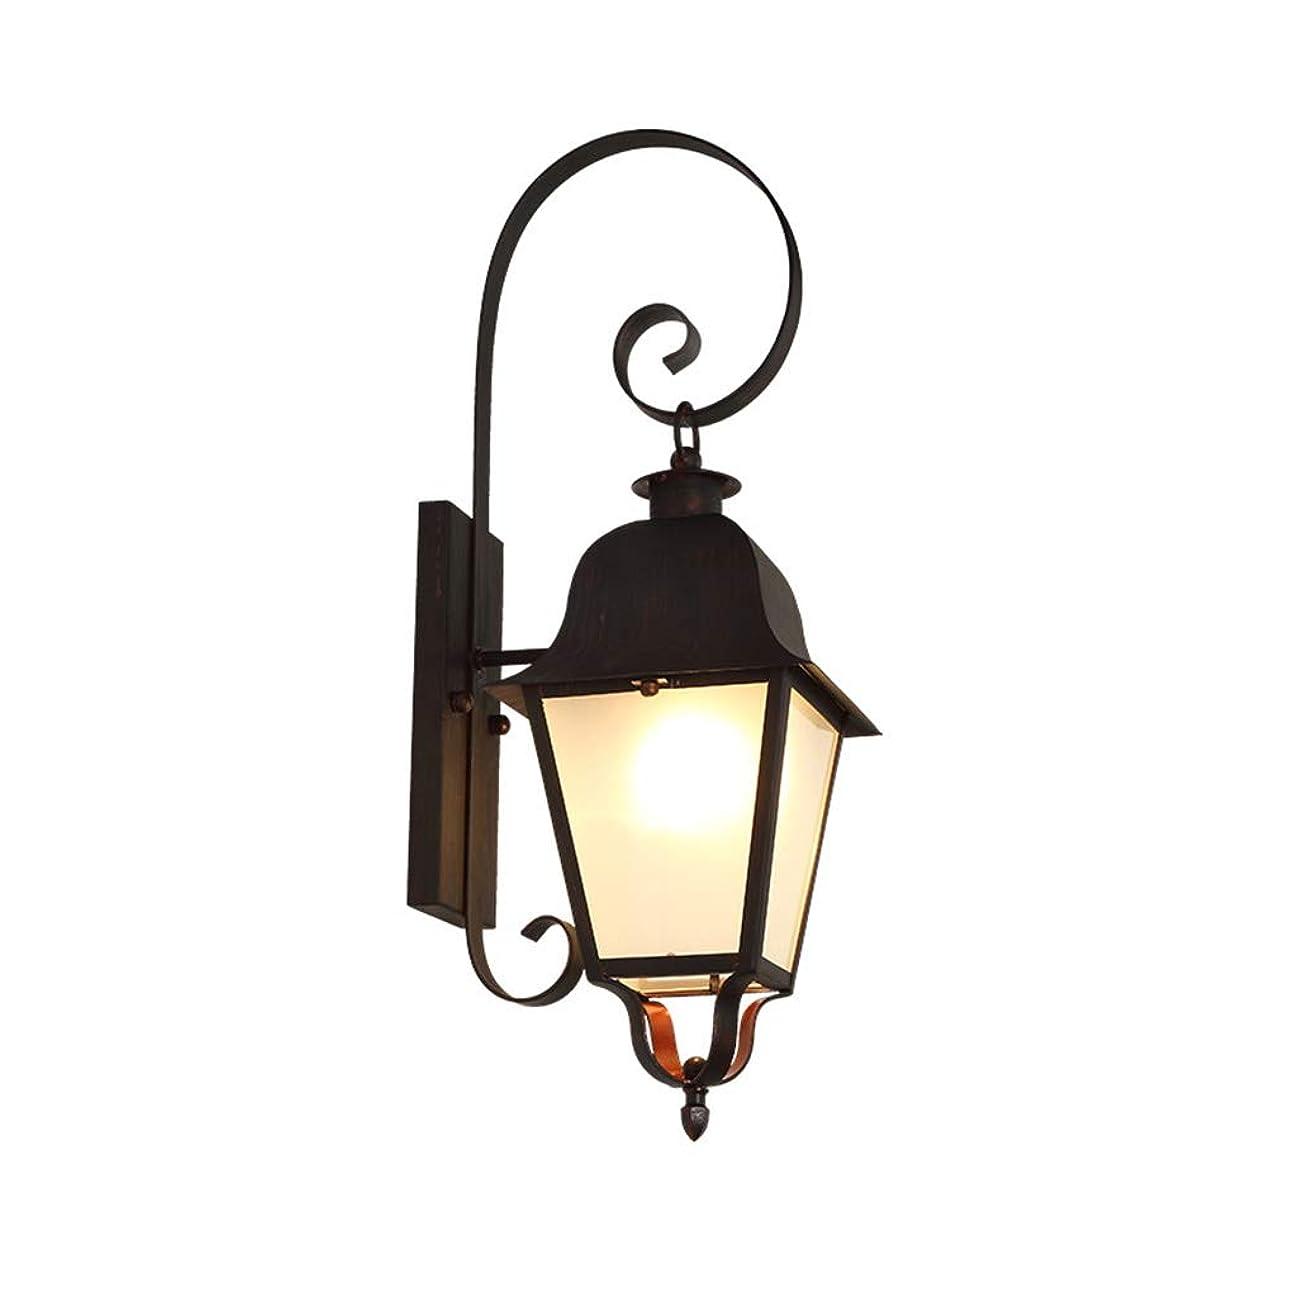 便益百万センター壁ランプ、ヨーロッパのシンプルなクリエイティブE27屋外防水壁ランプコートヤードバルコニー装飾照明 (Color : Black, Size : 20*63cm)